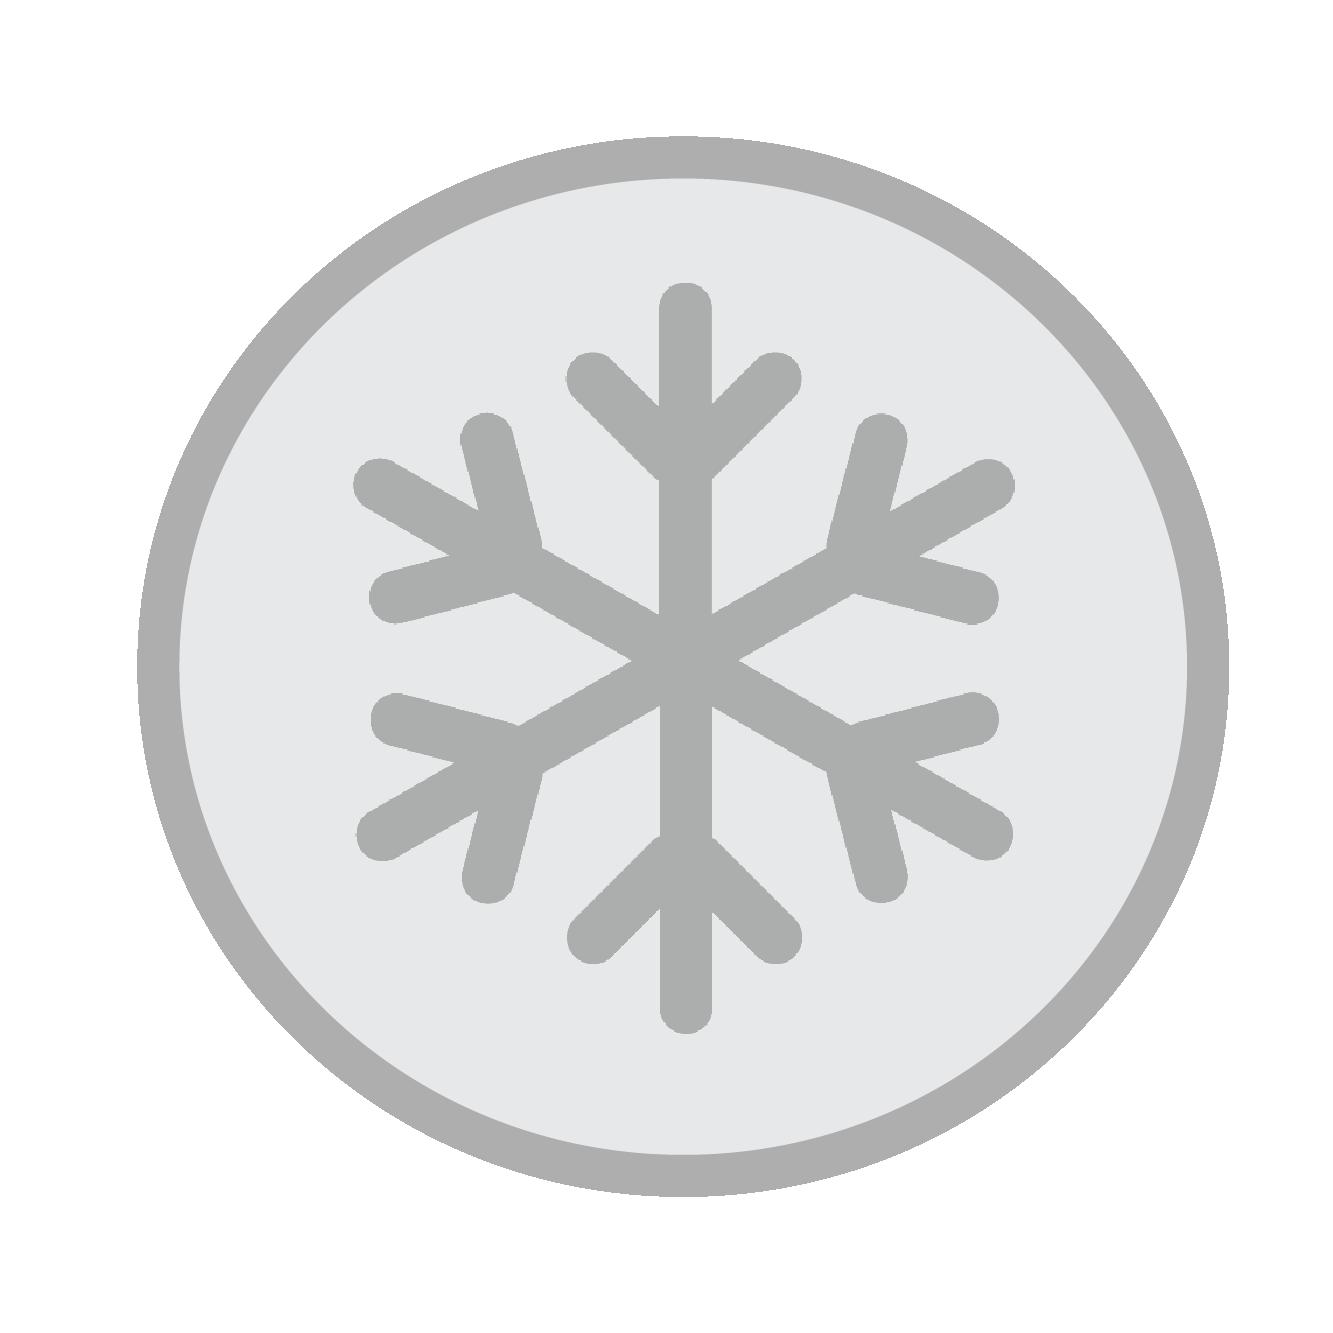 SnowPlowIcon-01